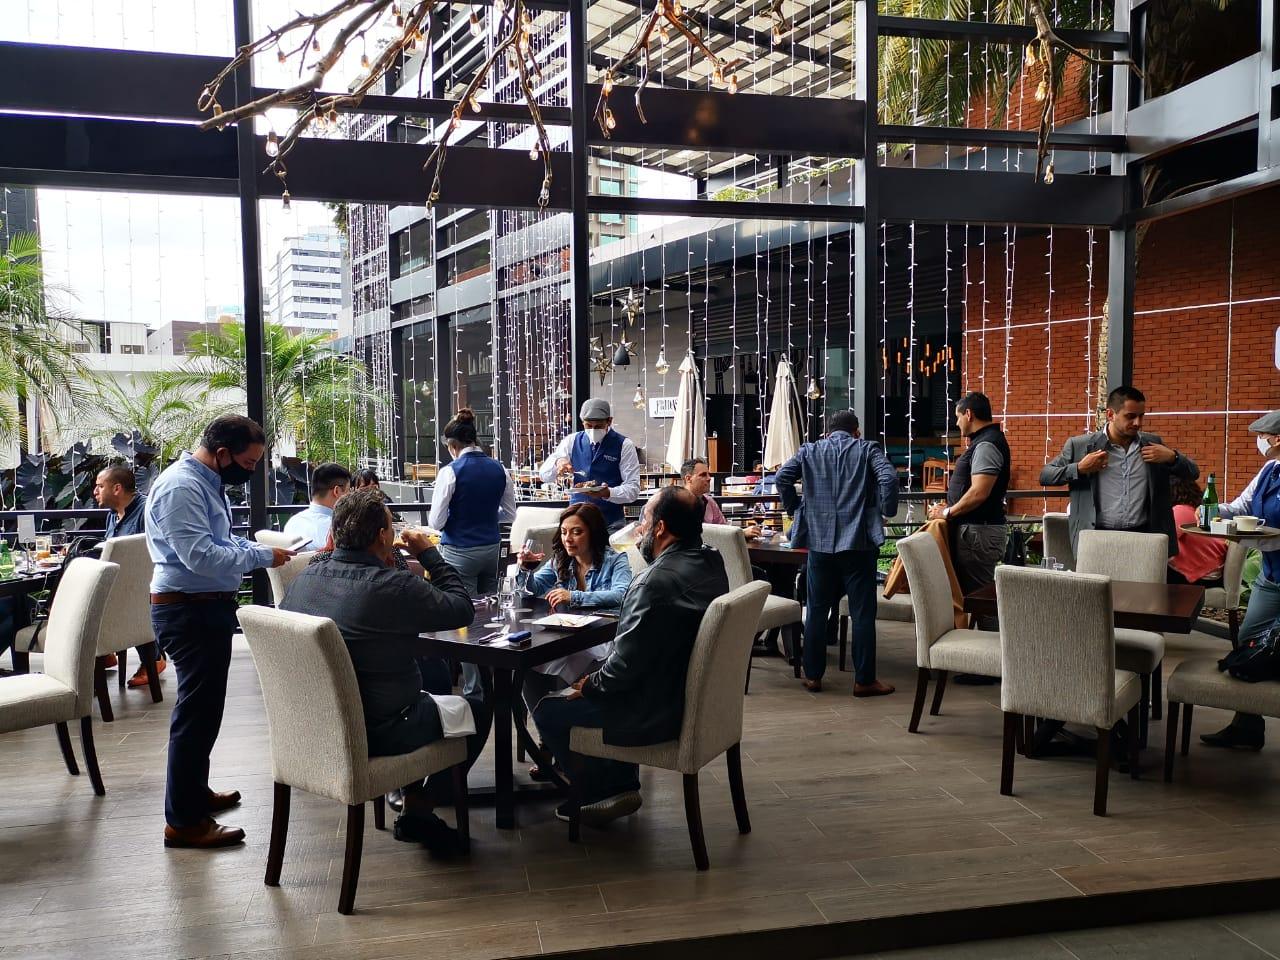 restaurantes en guatemala archivos - Revista Amiga